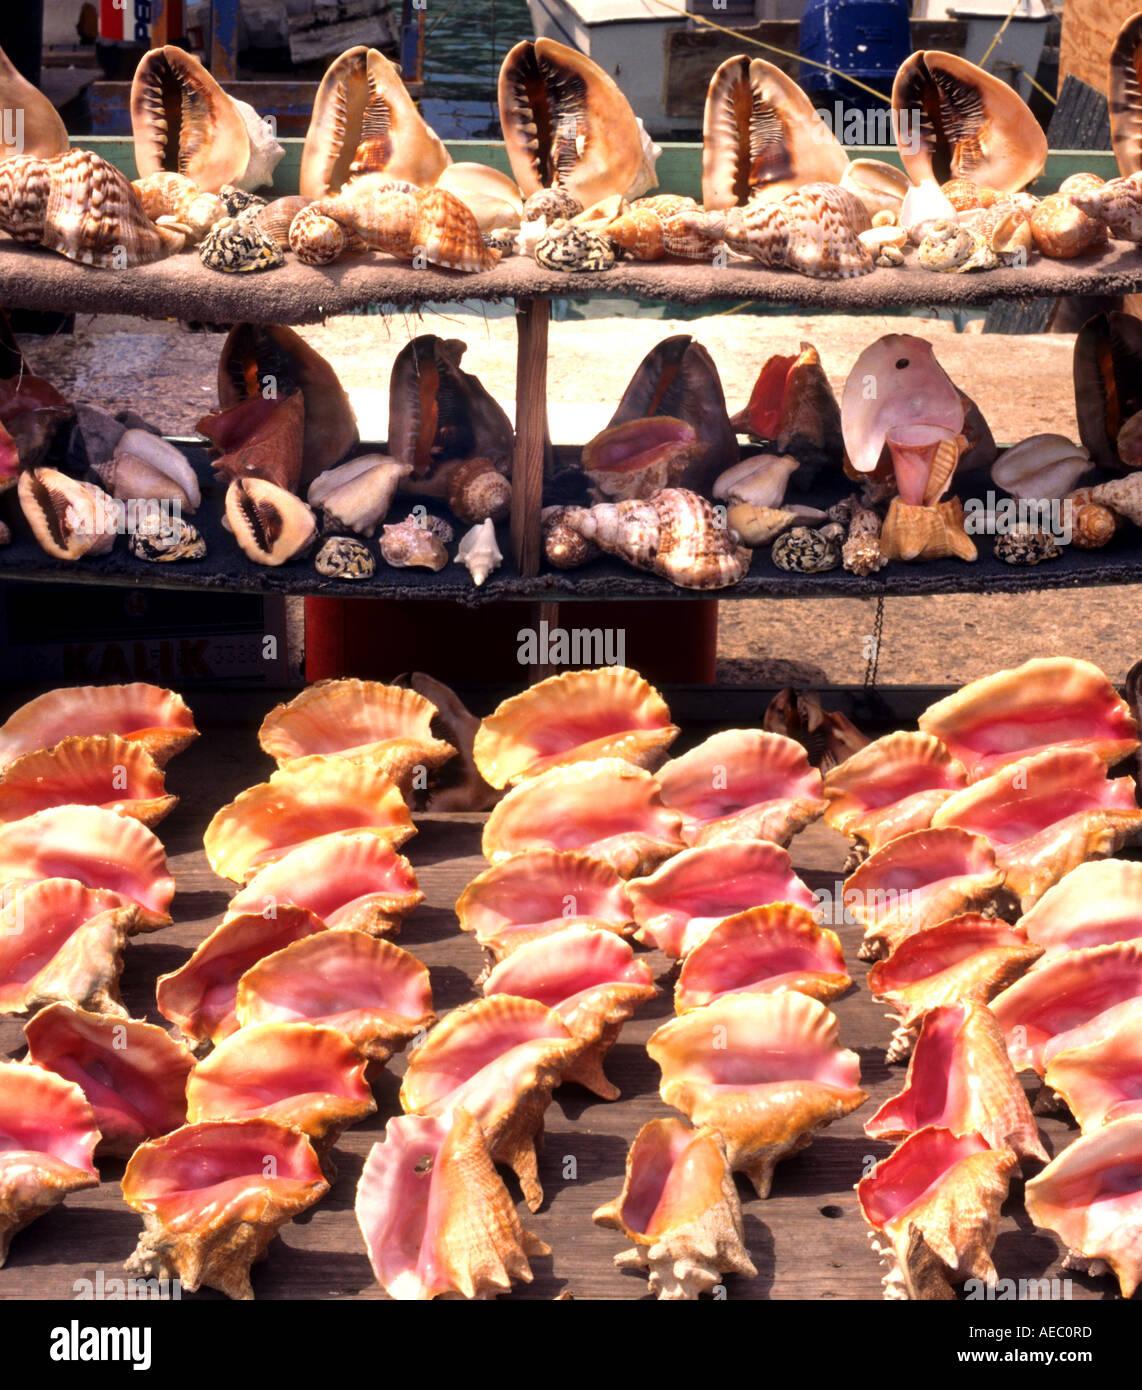 Nassau bahama bahamas fish conch market stock photo for Bahamas fish market